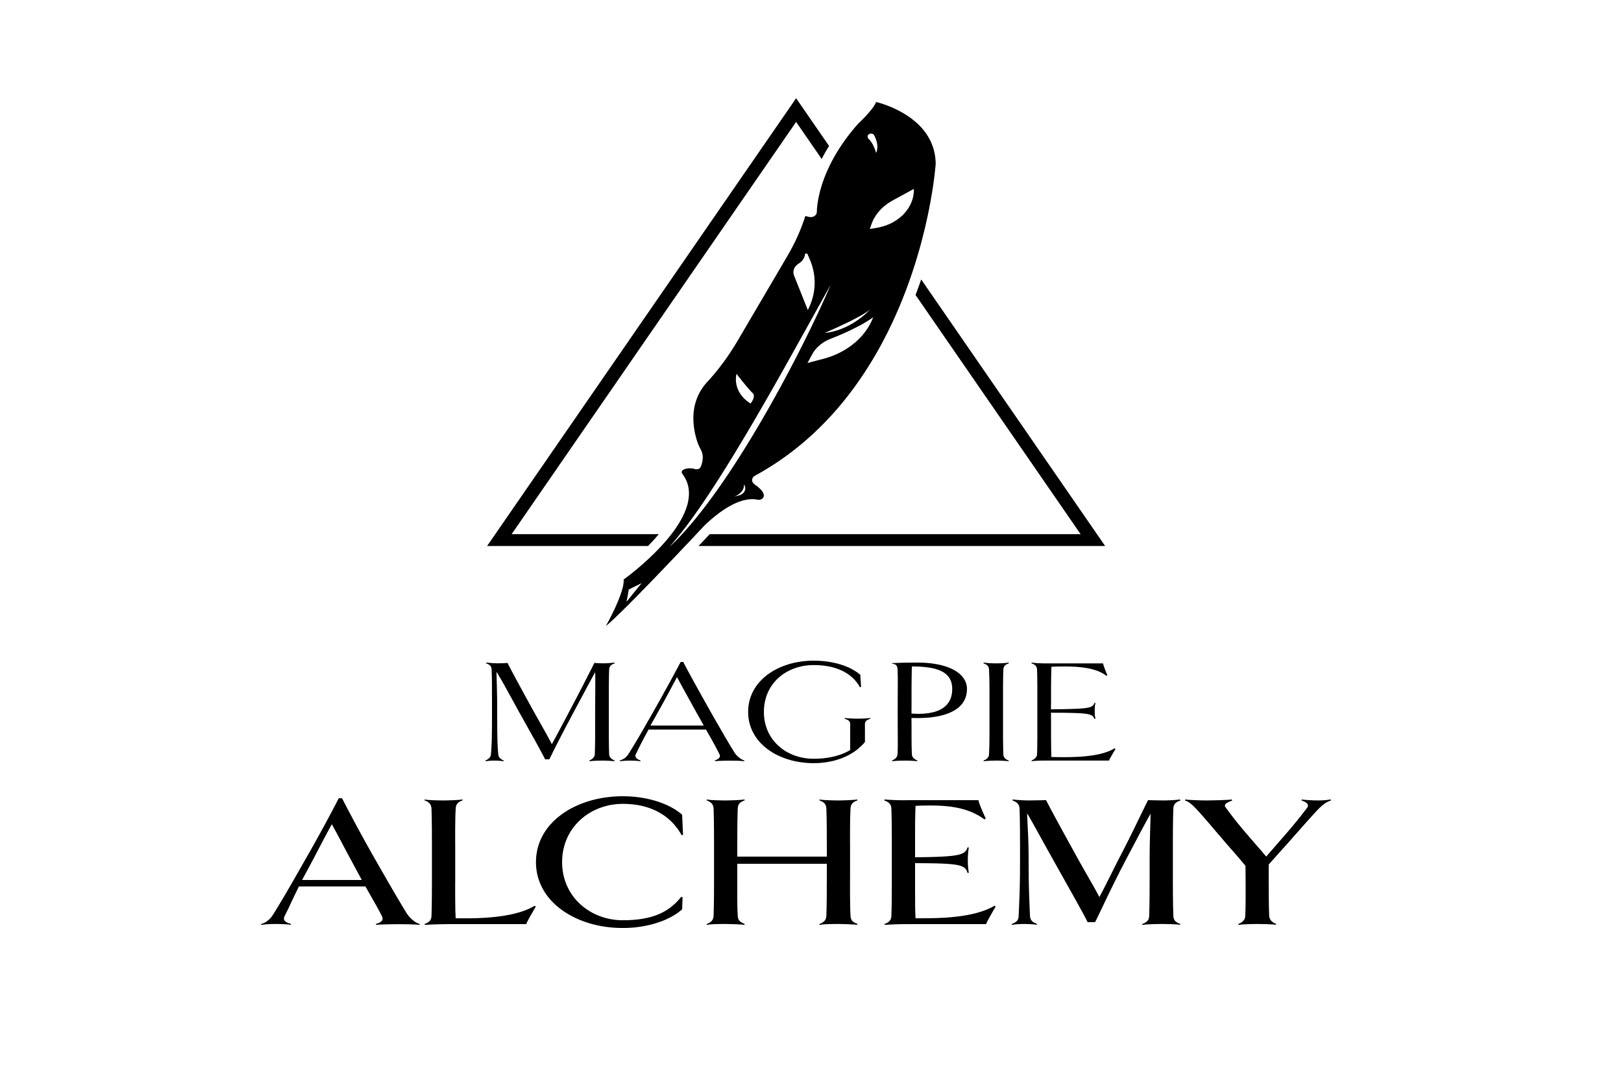 Magpie_Alchemy_logo_mock_0004_Layer 3